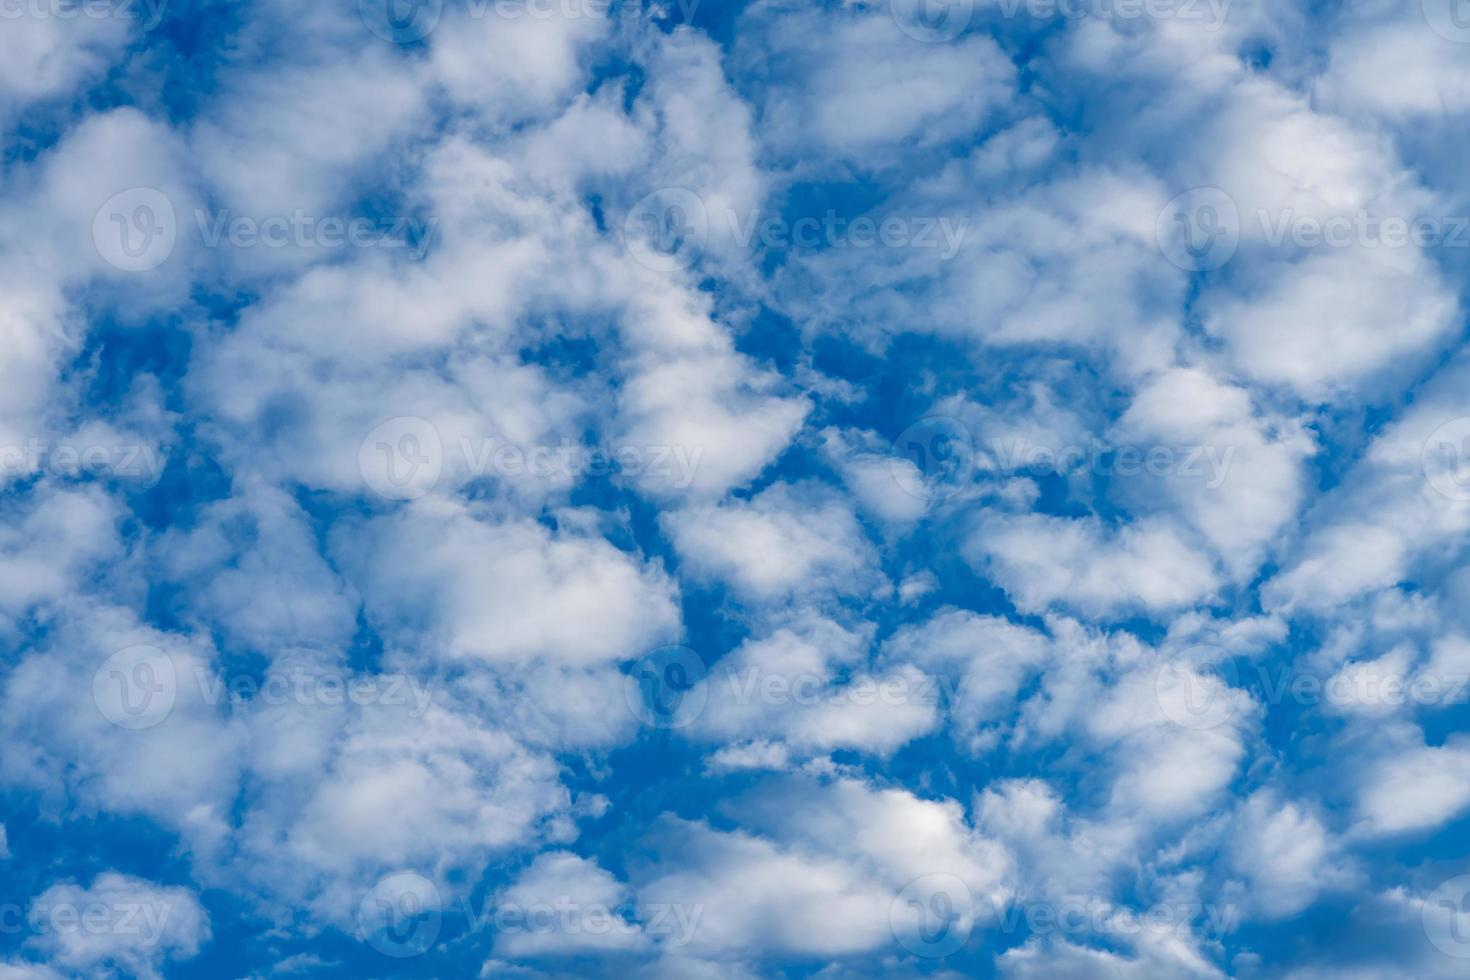 bakgrund med blå himmel med fluffiga vita moln foto